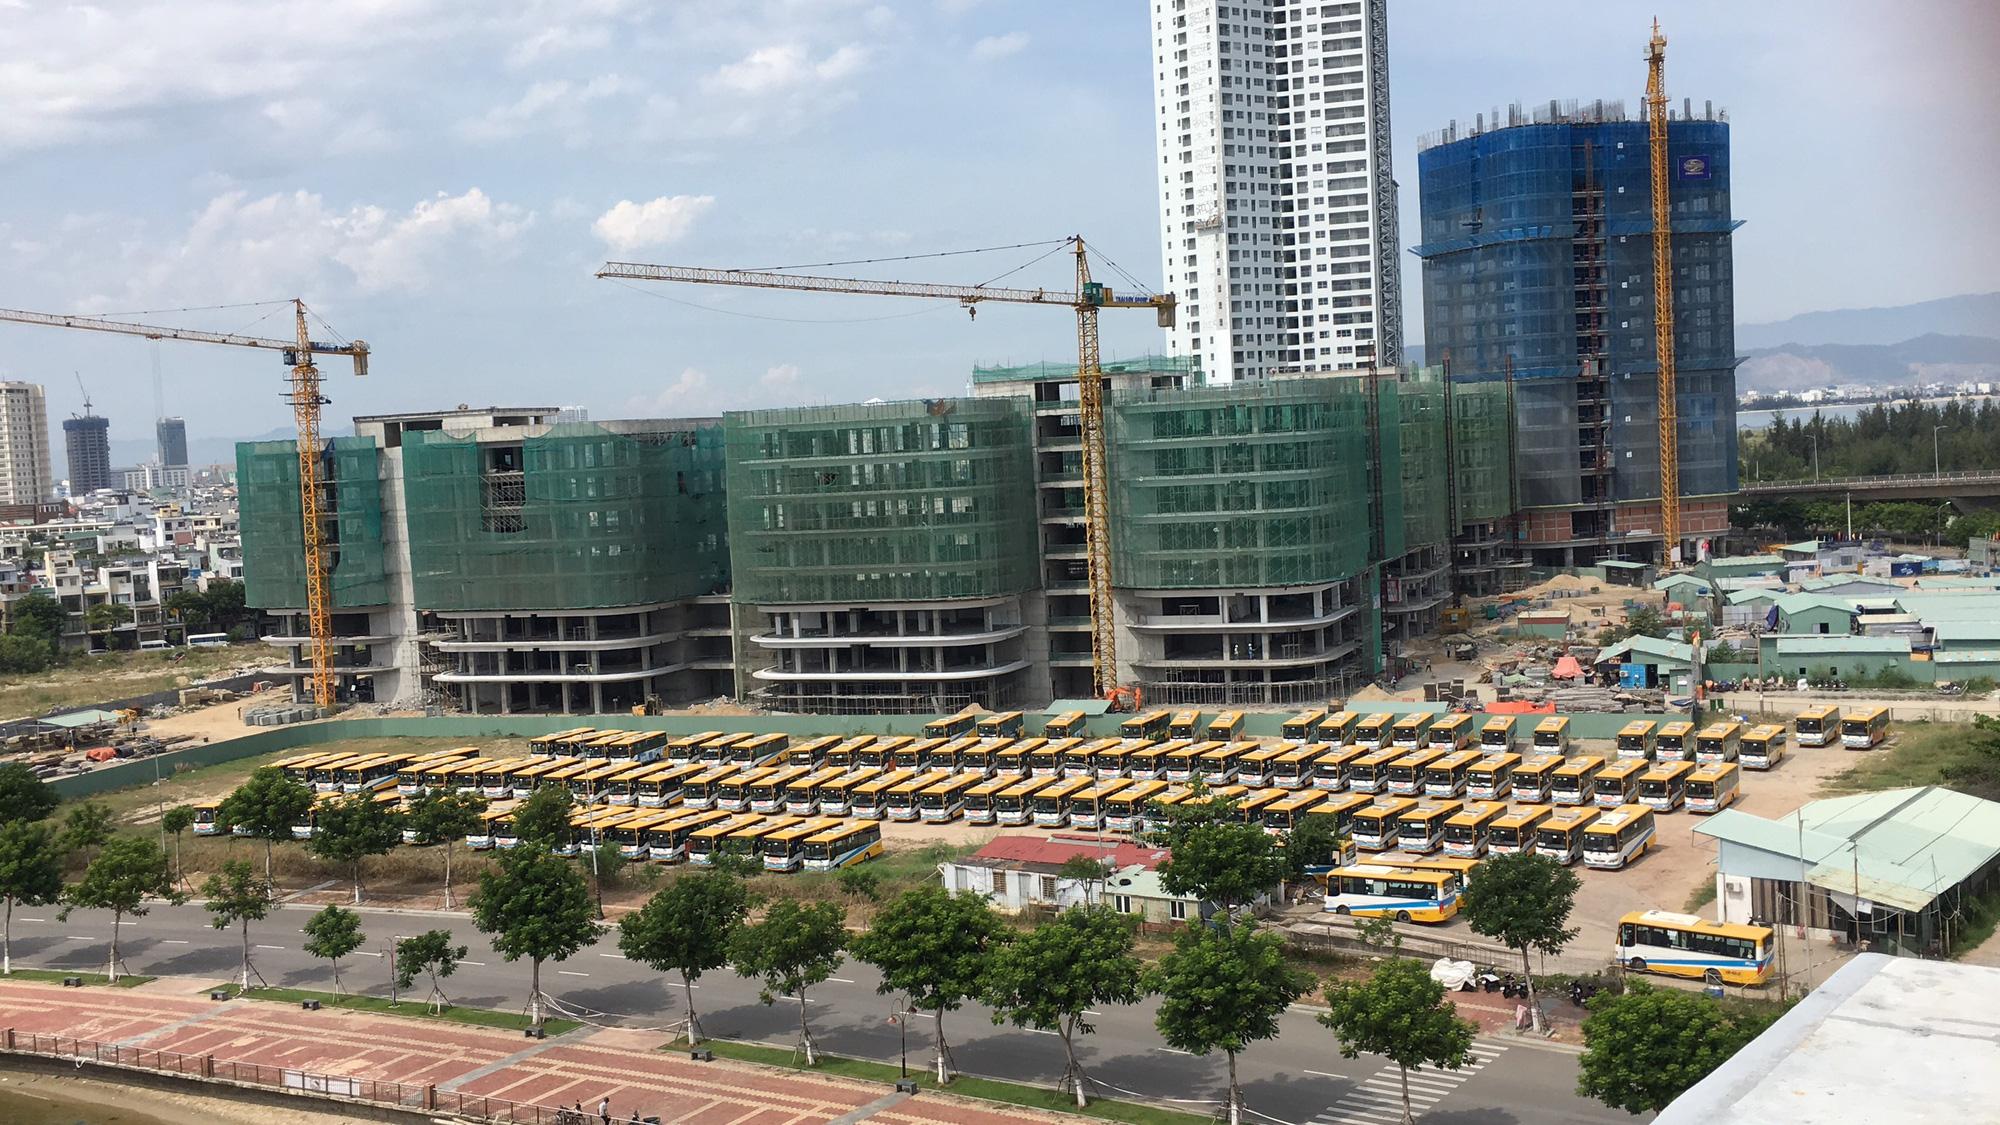 Đà Nẵng phê duyệt 16 khu đất đấu giá quyền sử dụng đất đợt 1 năm 2021 - Ảnh 1.